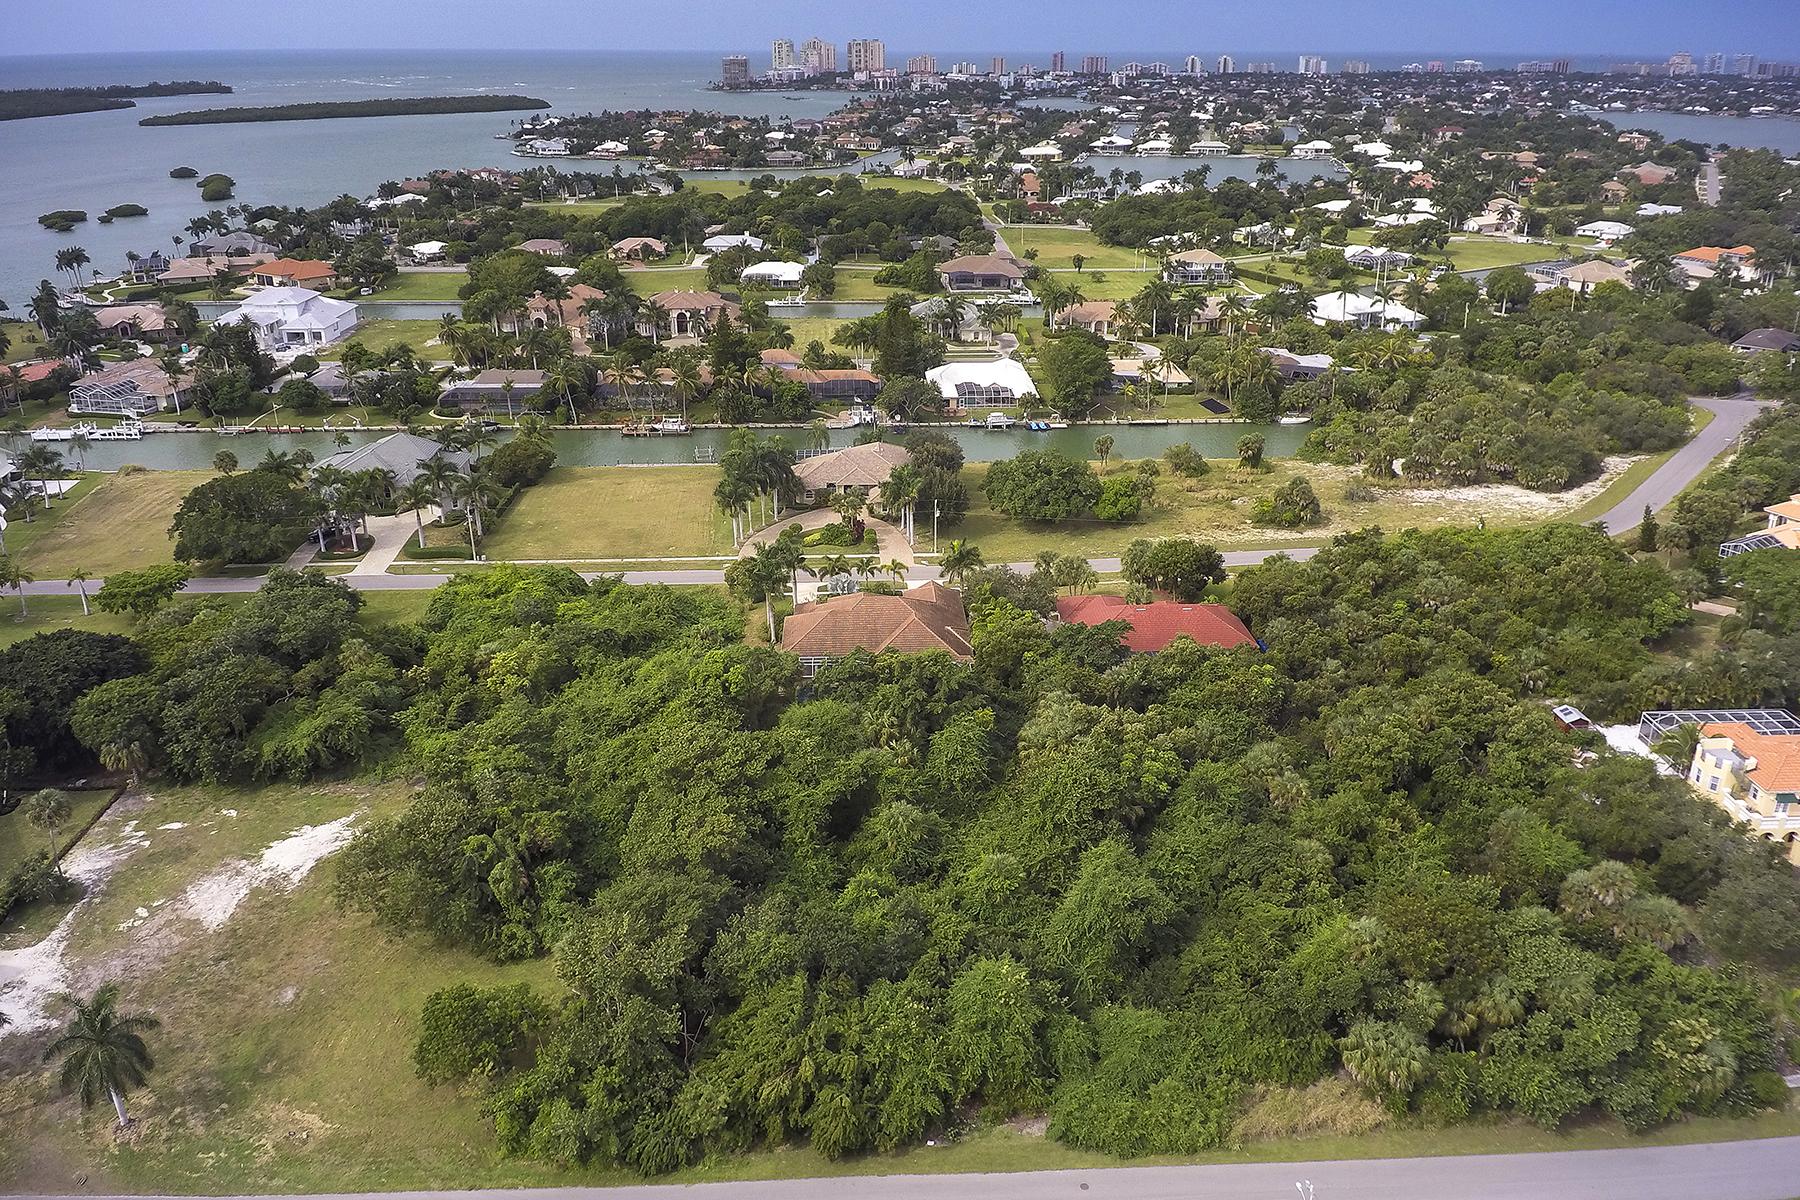 Terreno por un Venta en MARCO ISLAND - CAXAMBAS DRIVE 960 Caxambas Dr Marco Island, Florida 34145 Estados Unidos